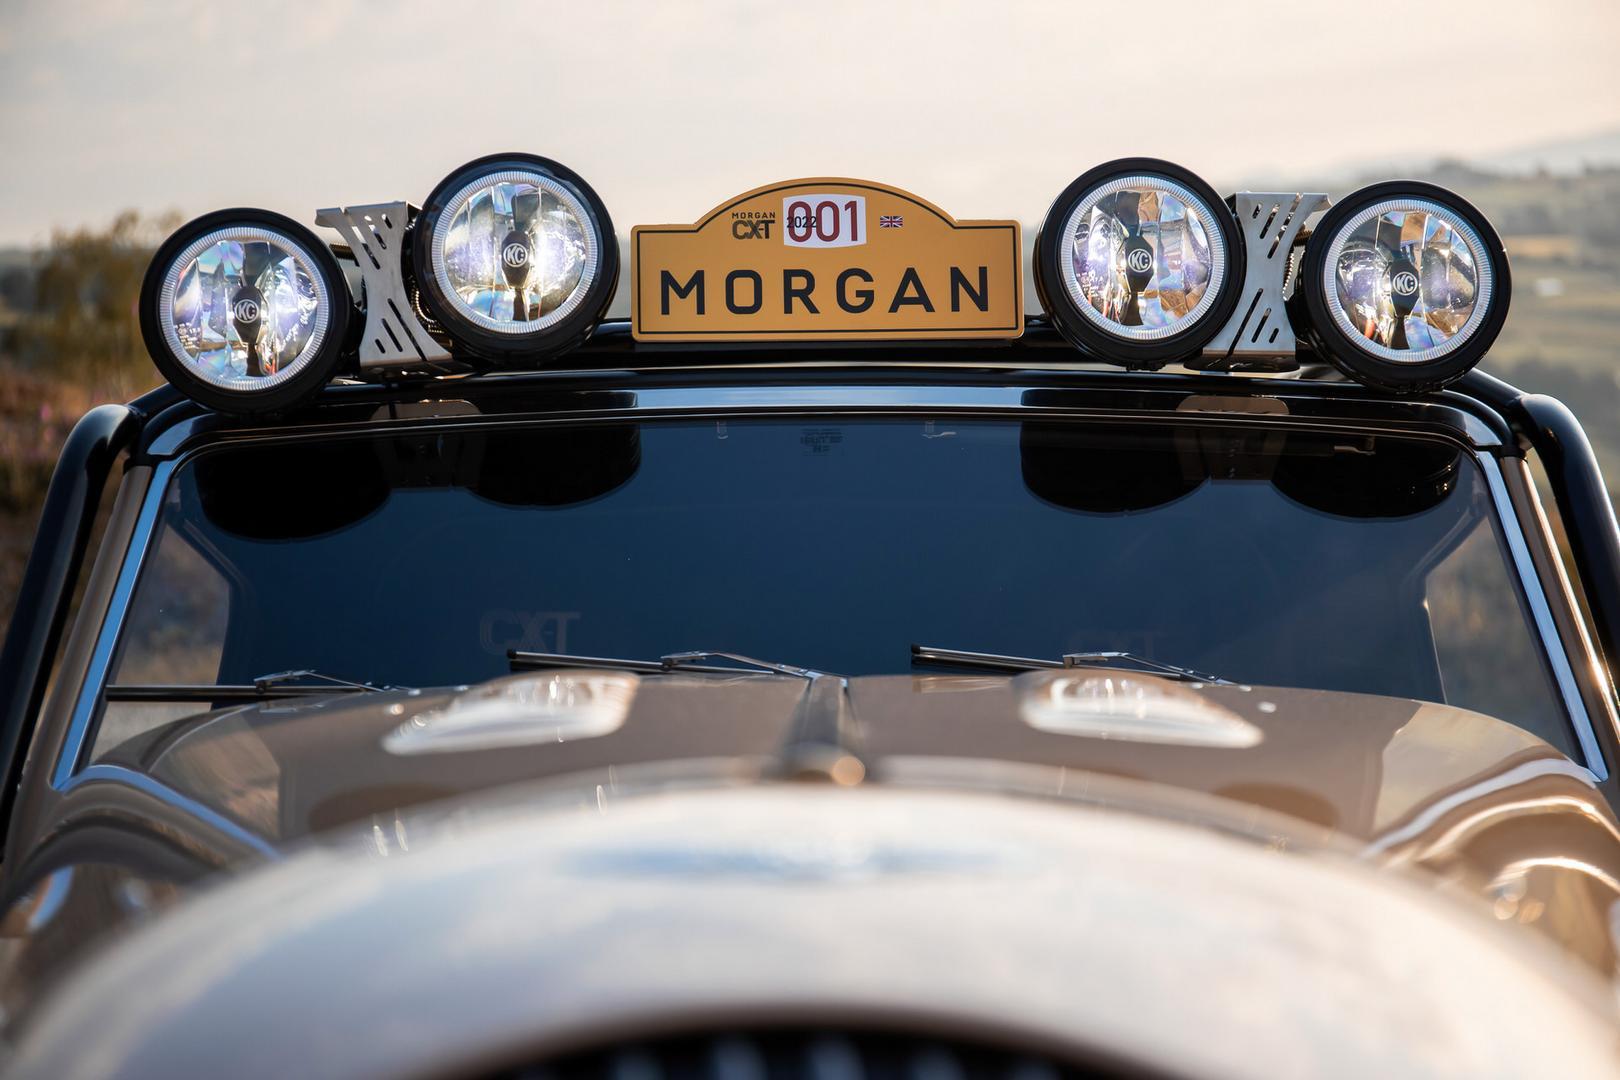 Morgan Plus Four CX-T flood lights